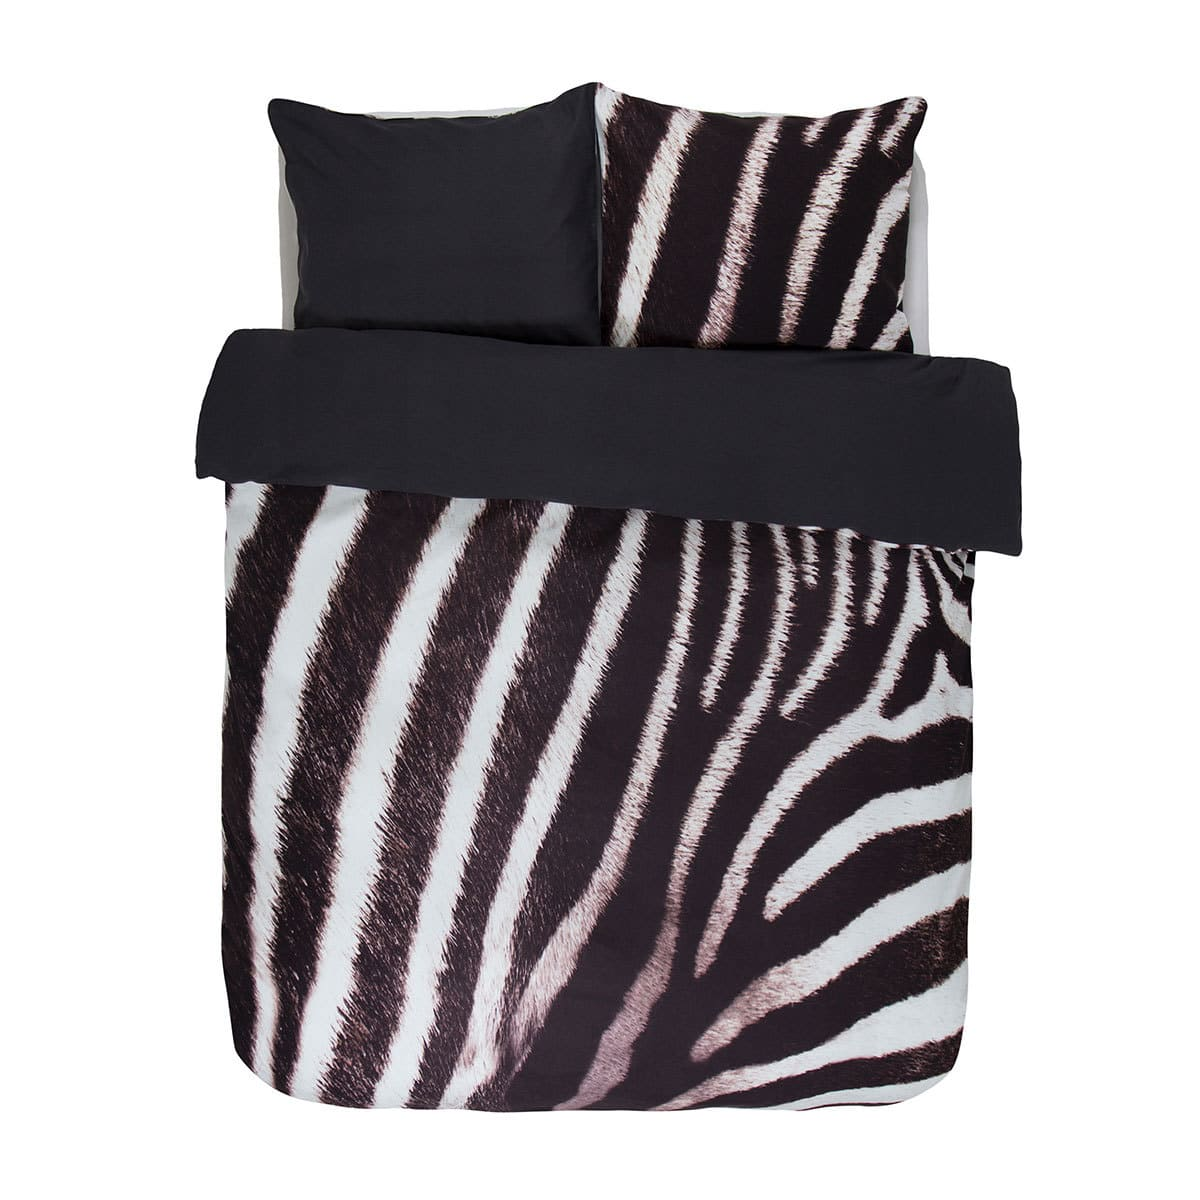 essenza flanell wendebettw sche zebra g nstig online. Black Bedroom Furniture Sets. Home Design Ideas